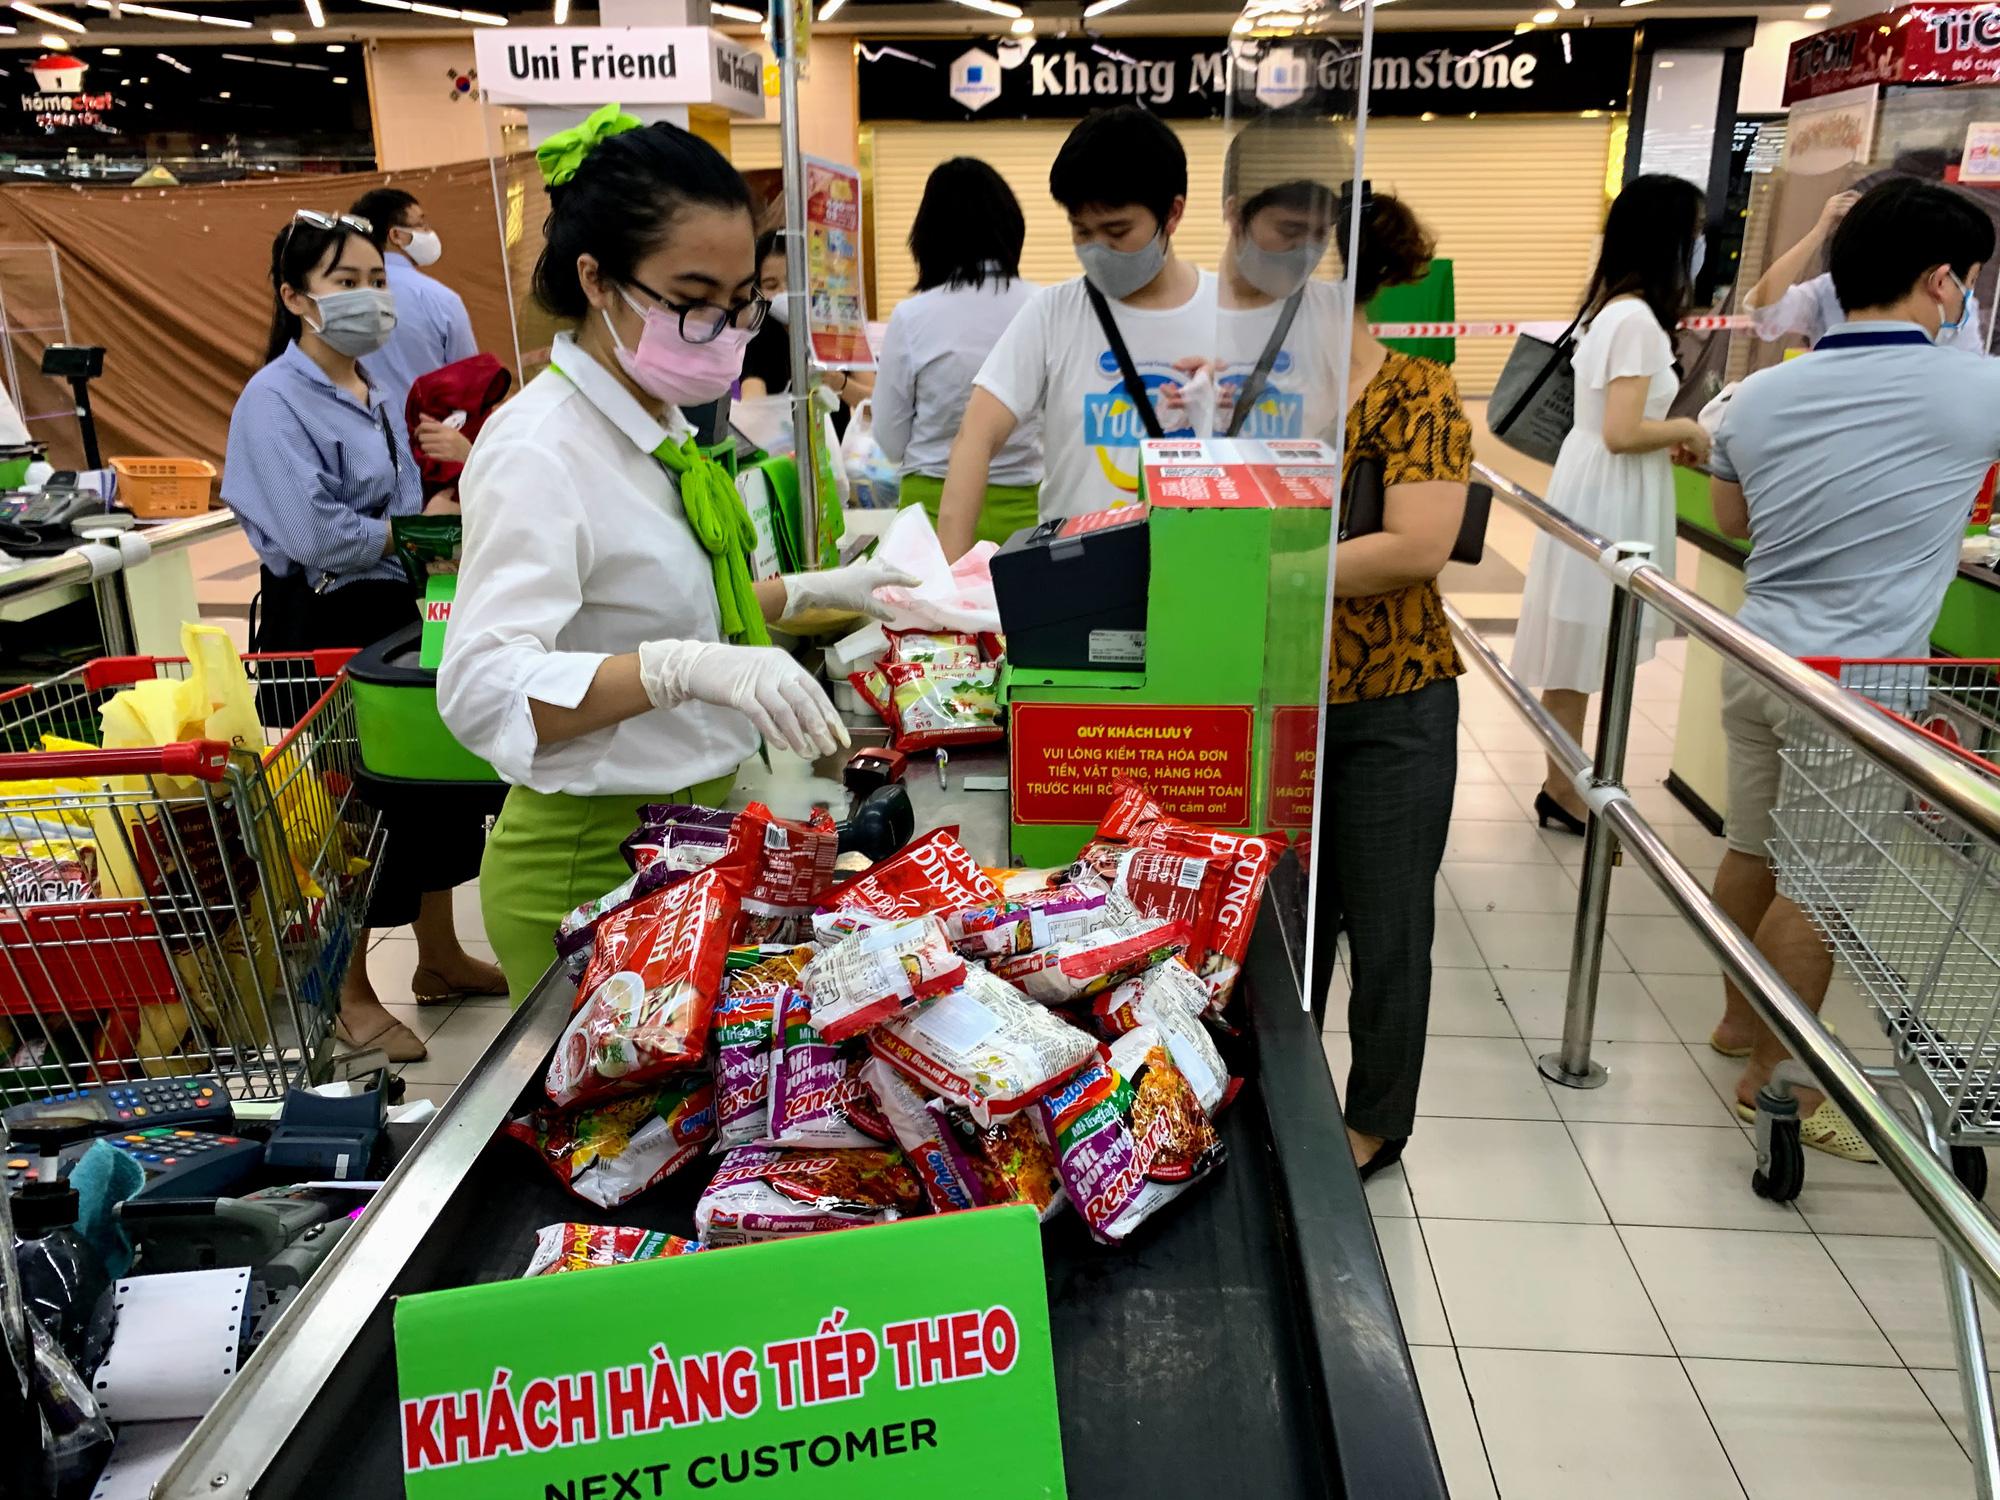 Trước giờ giới nghiêm, người Hà Nội ùn ùn kéo về siêu thị, mua sạch mì tôm, thực phẩm, giấy vệ sinh - Ảnh 17.